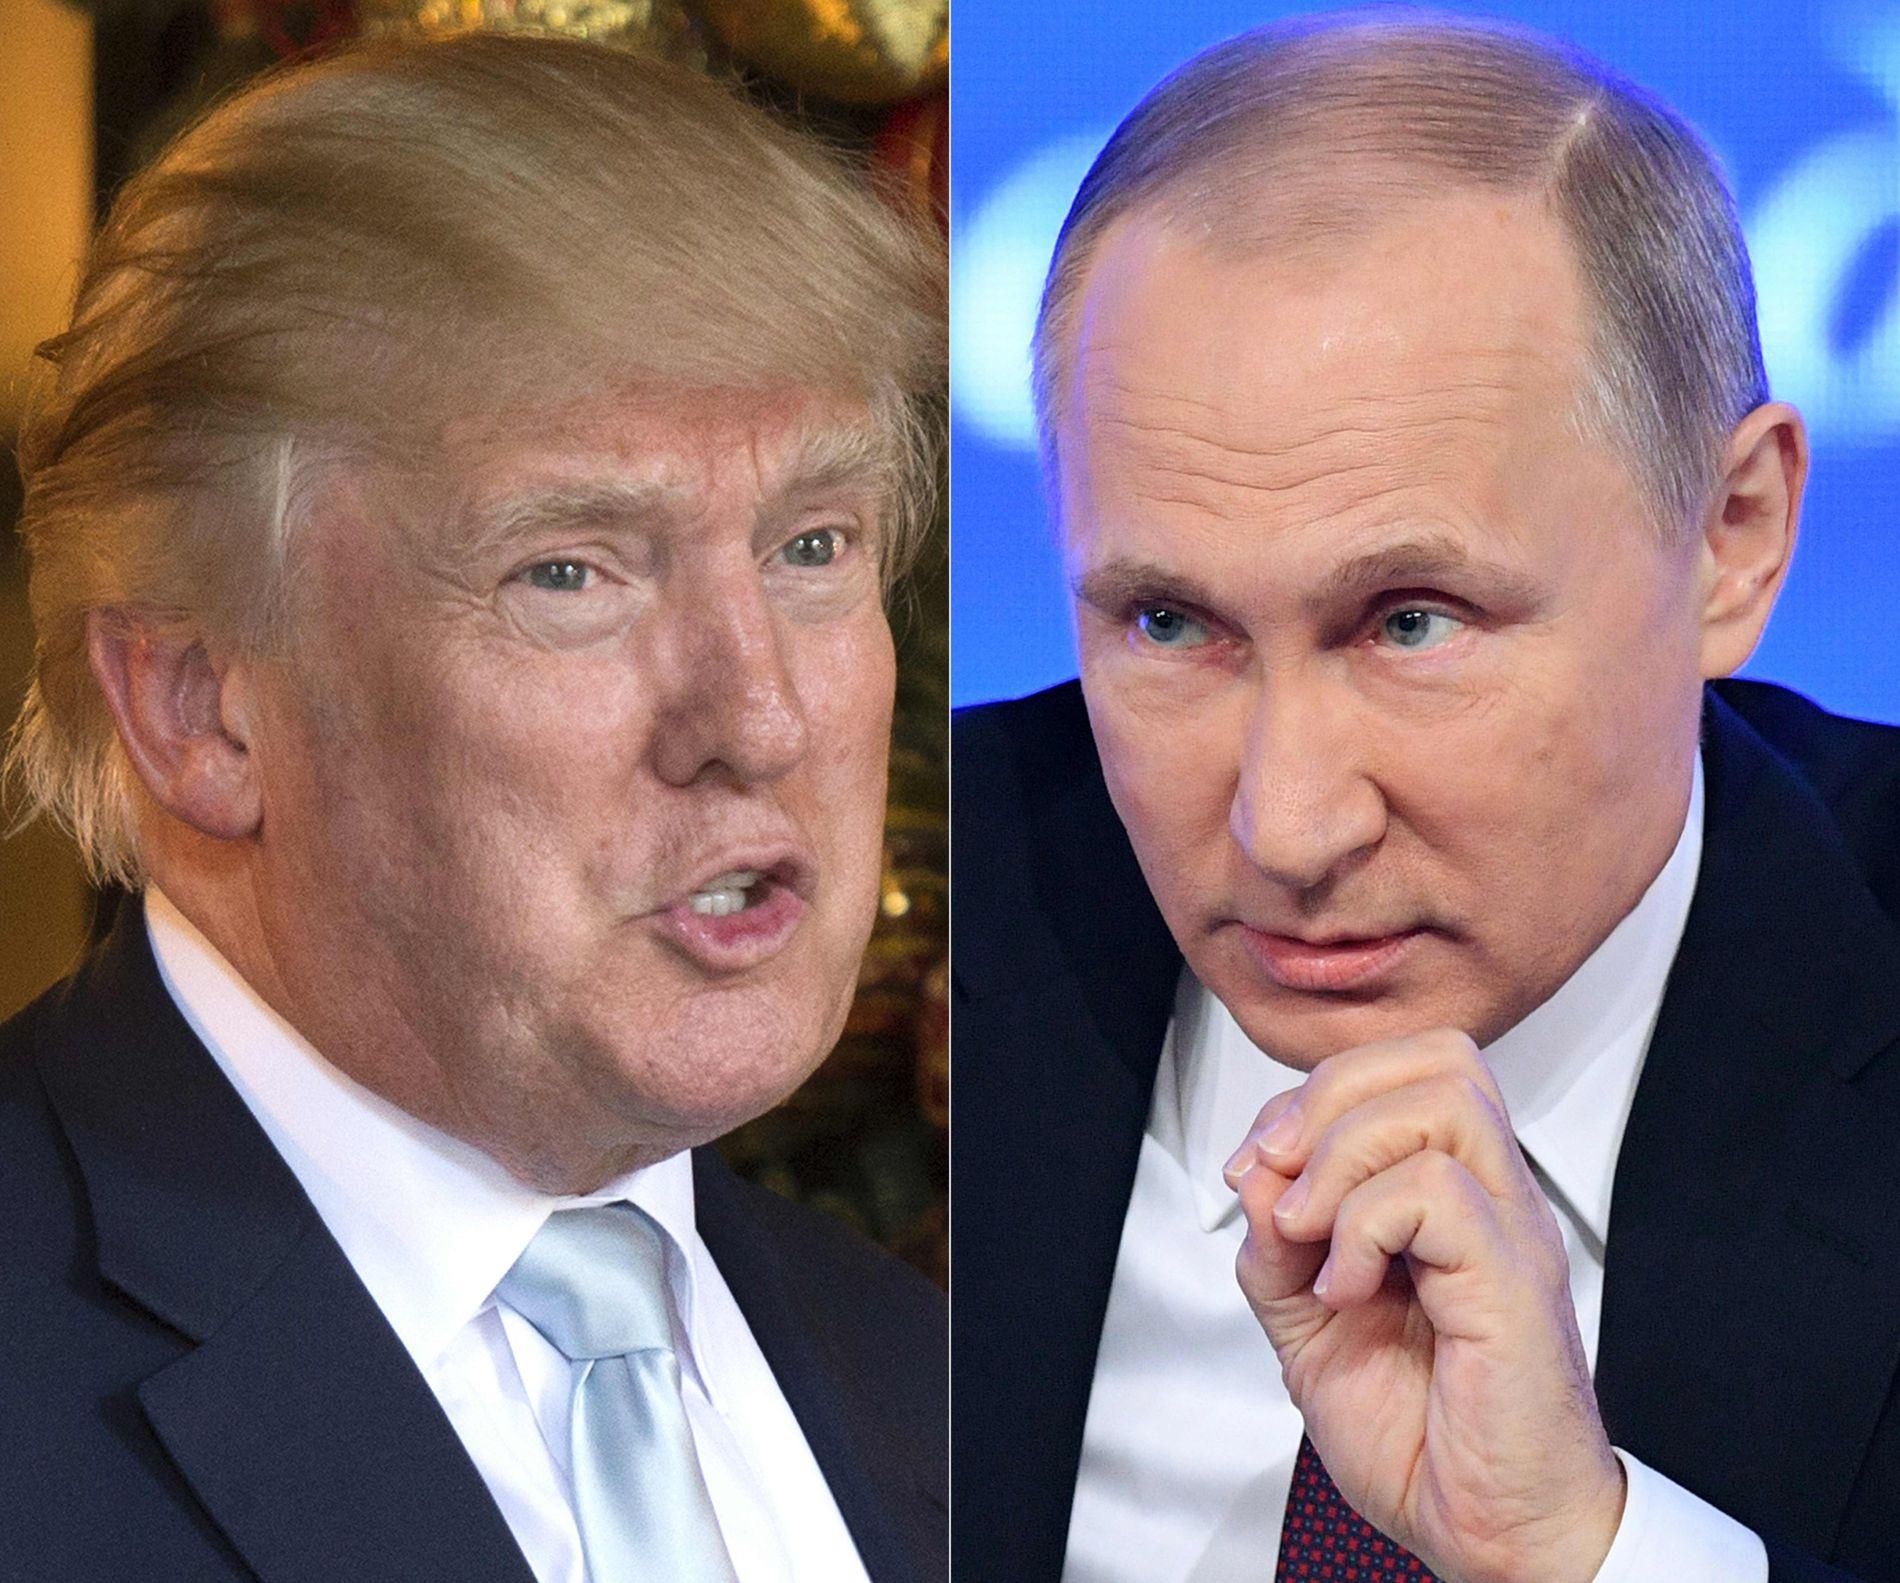 GODE BUSSER? Donald Trump og Vladimir Putin er begge to uberegnelige karer. Nå lurer russerne på om Trump skal innfri forventningene fra valgkampen om å bedre forholdet til Russland.